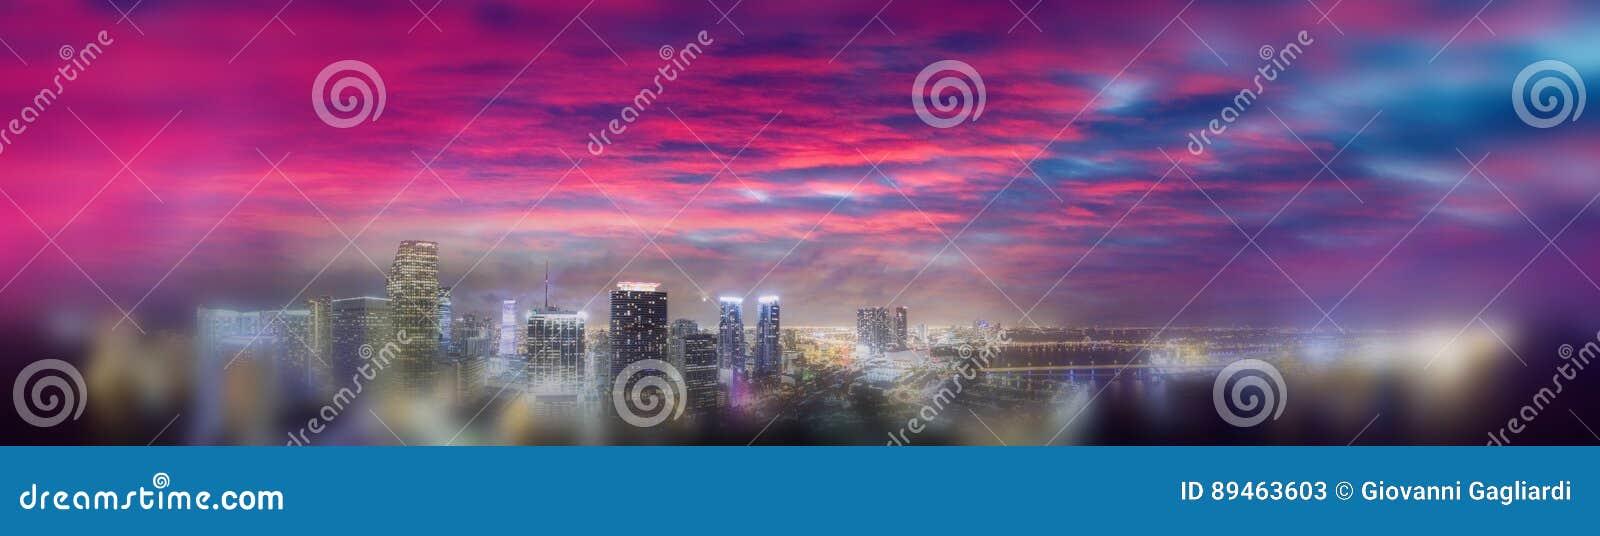 Im Stadtzentrum gelegenes Miami bei Sonnenuntergang, Luftpanoramablick